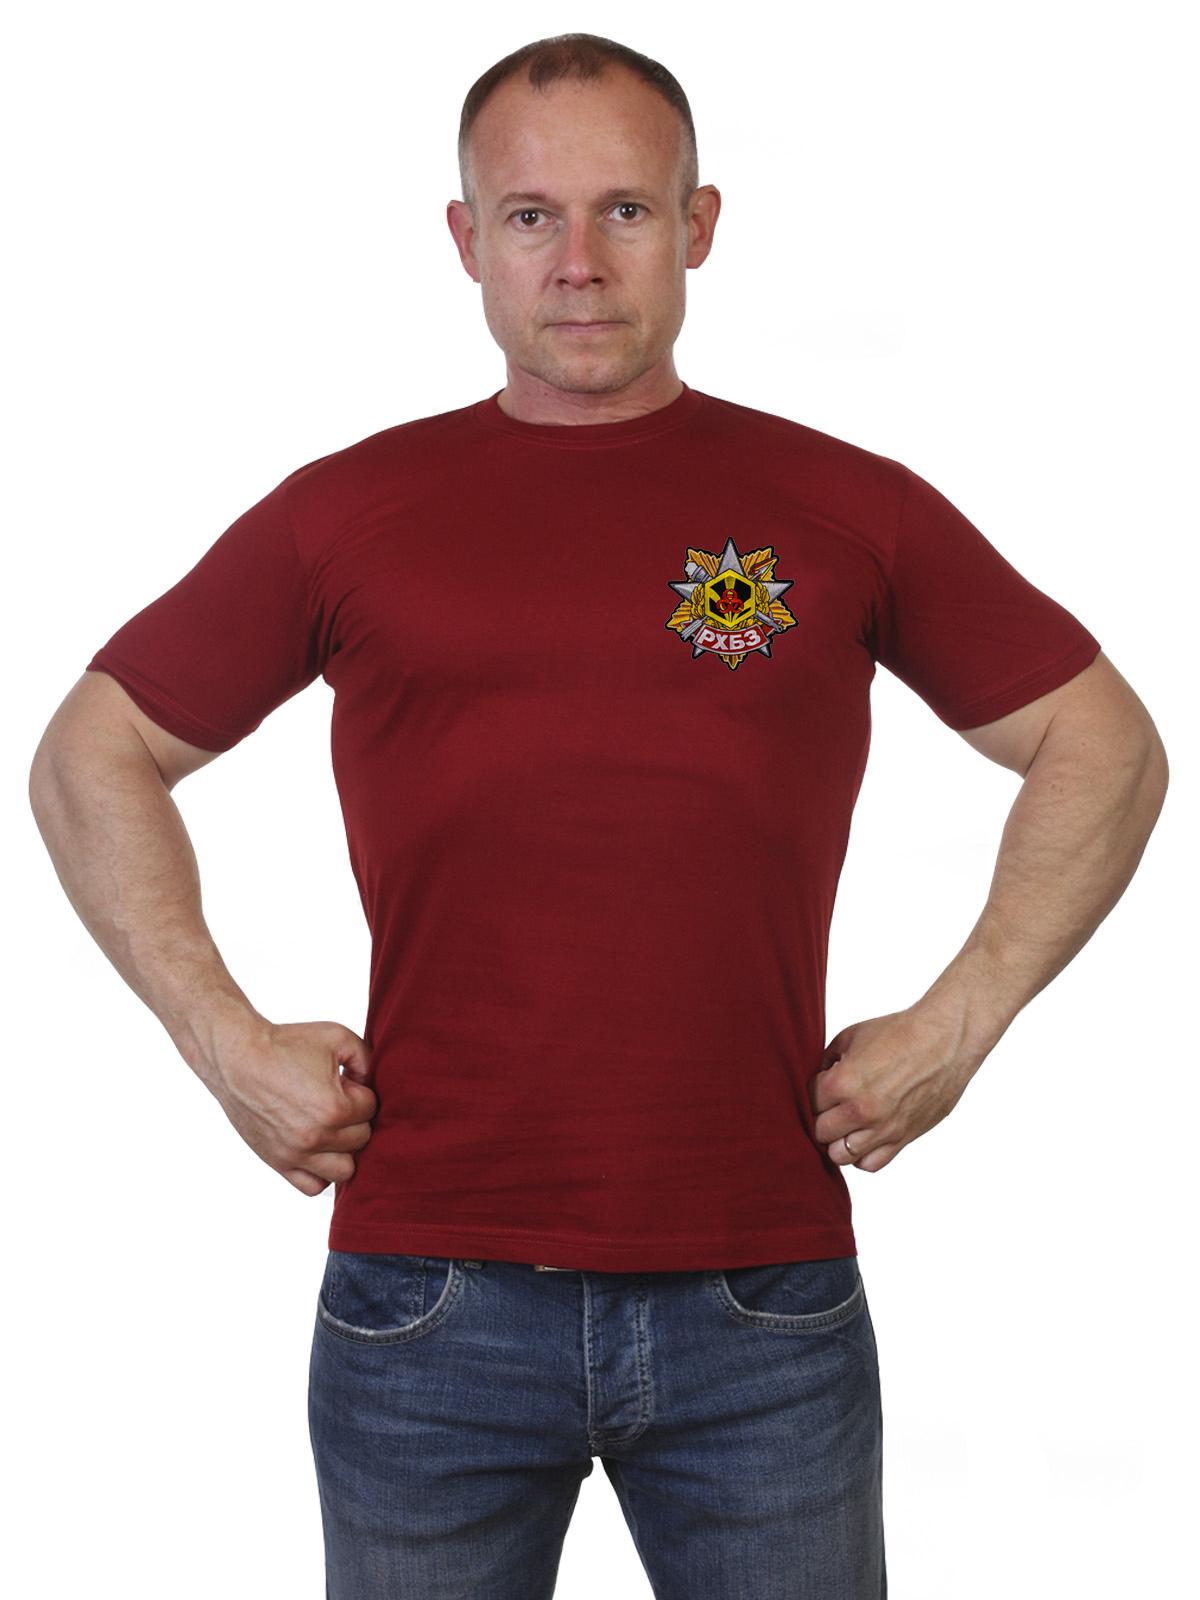 Купить футболку РХБЗ